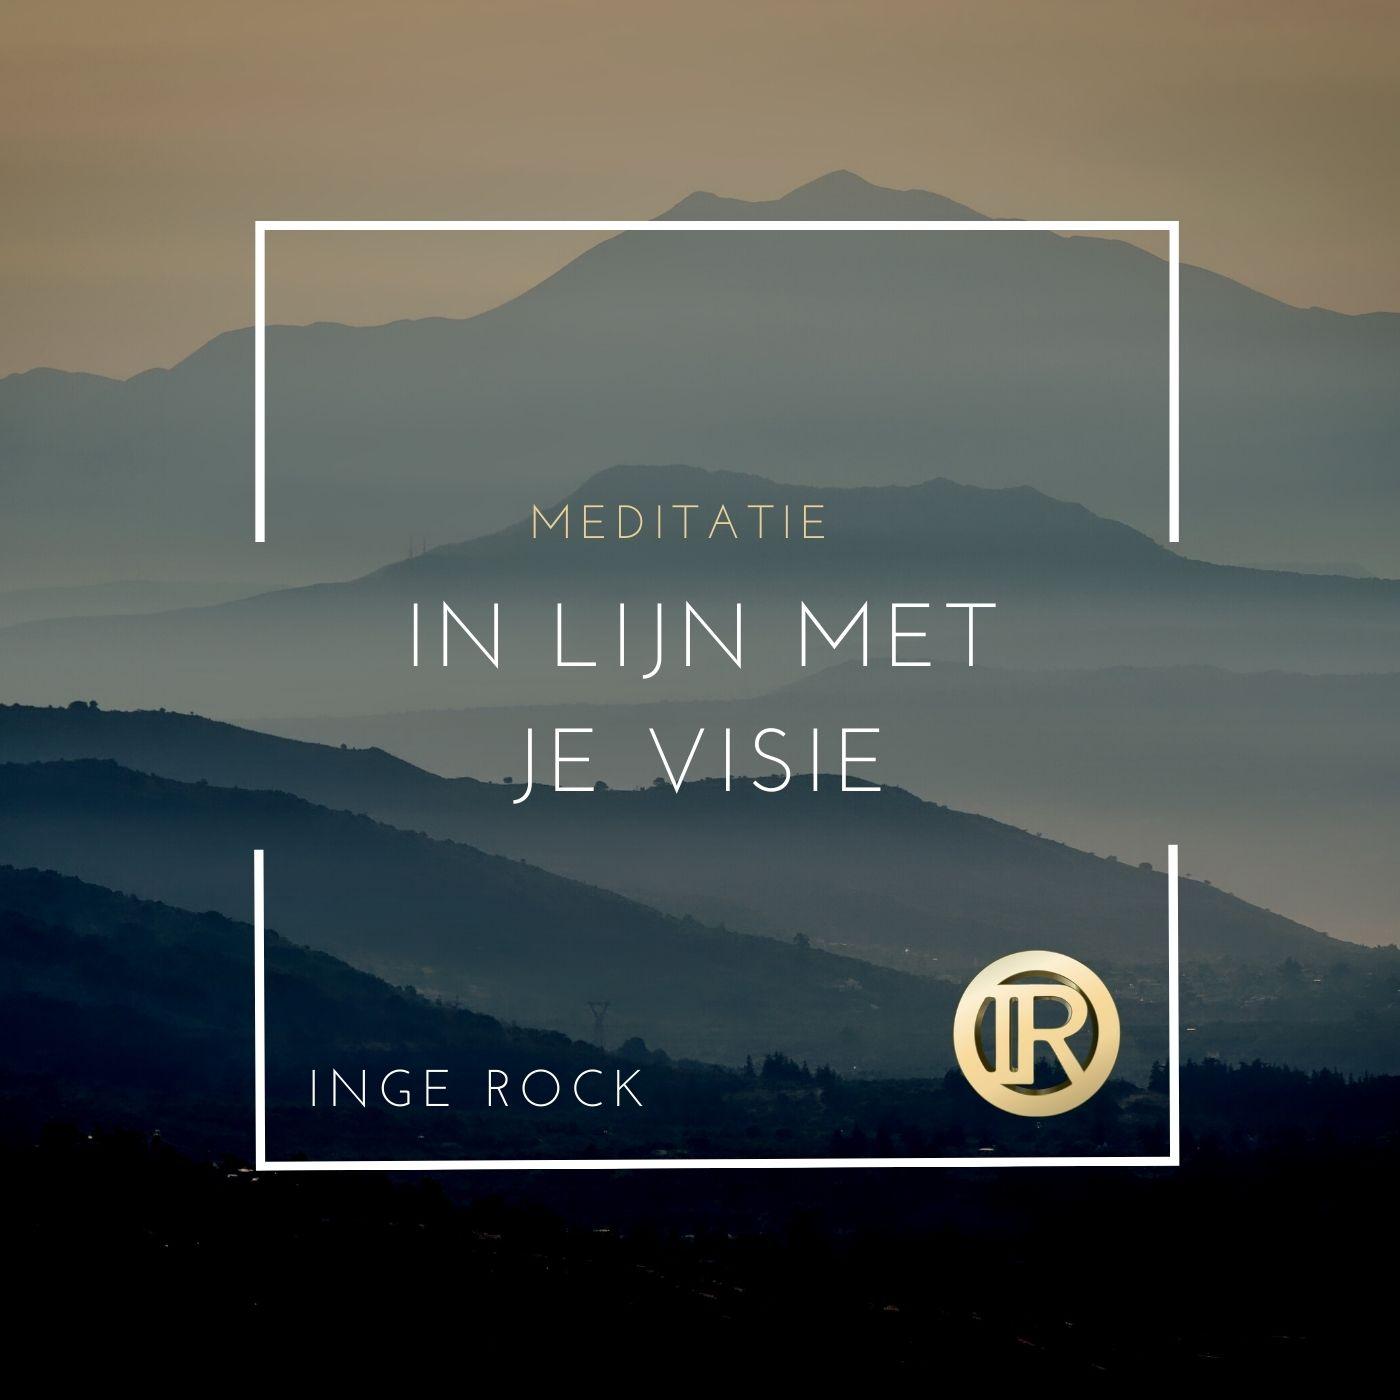 Meditatie - in lijn met je visie